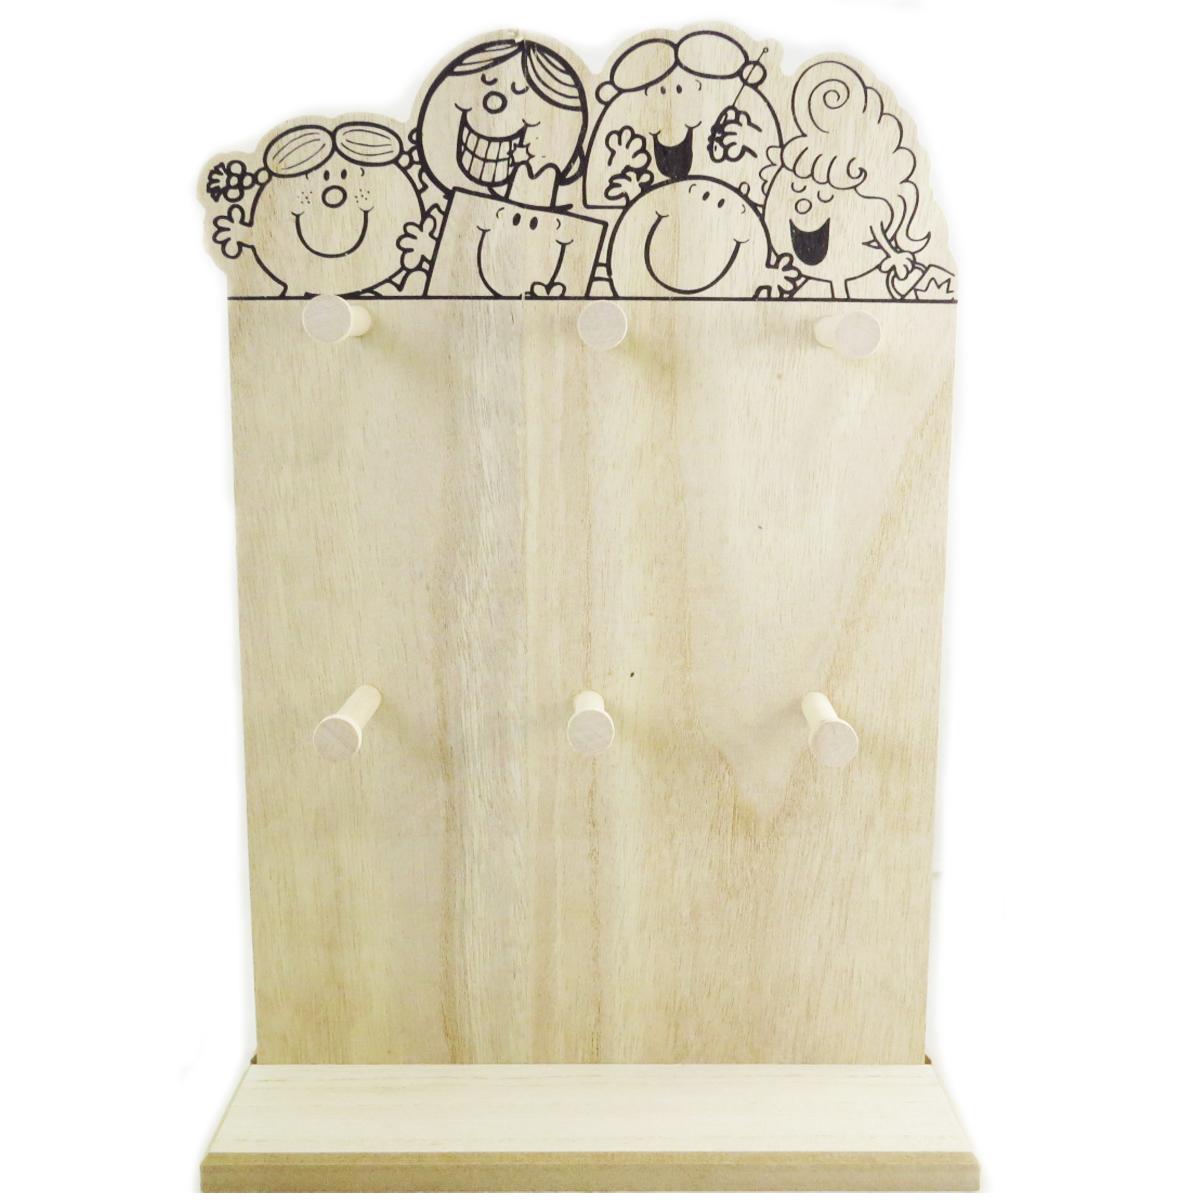 Porte-bijoux bois \'Monsieur Madame\' beige (6 crochets) - 37x25x10 cm - [A0699]